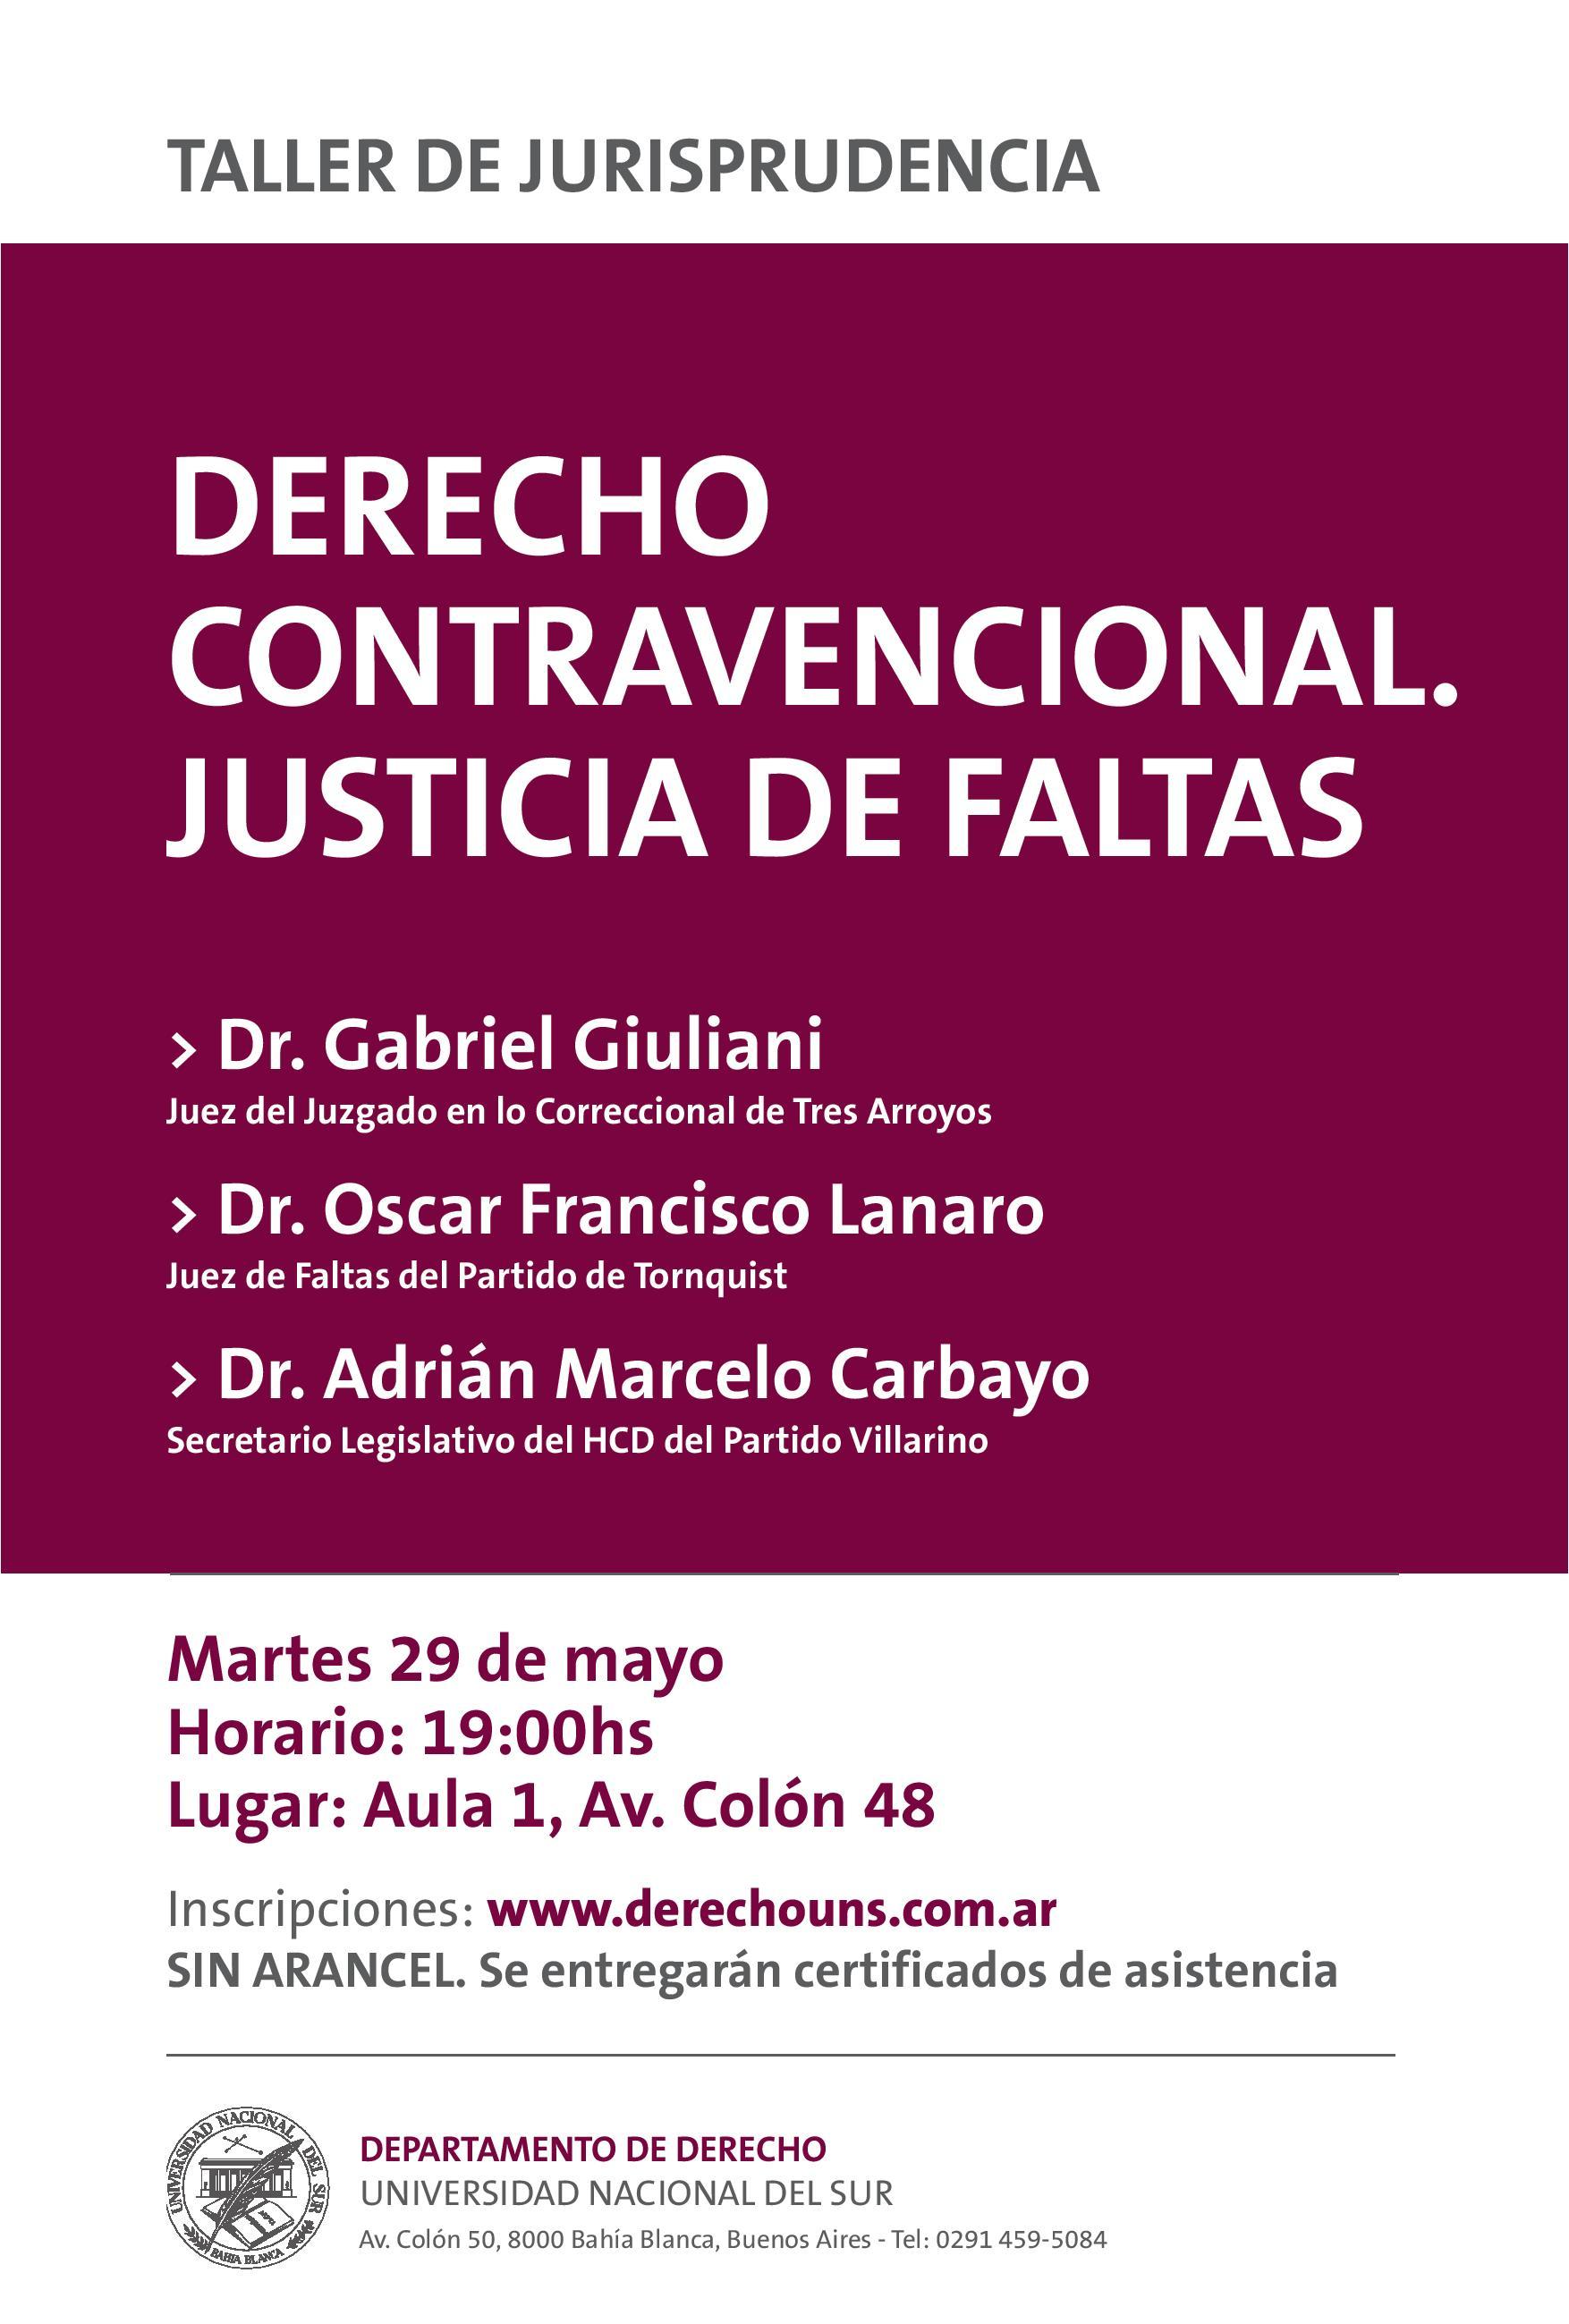 Taller-Derecho-Contravencional